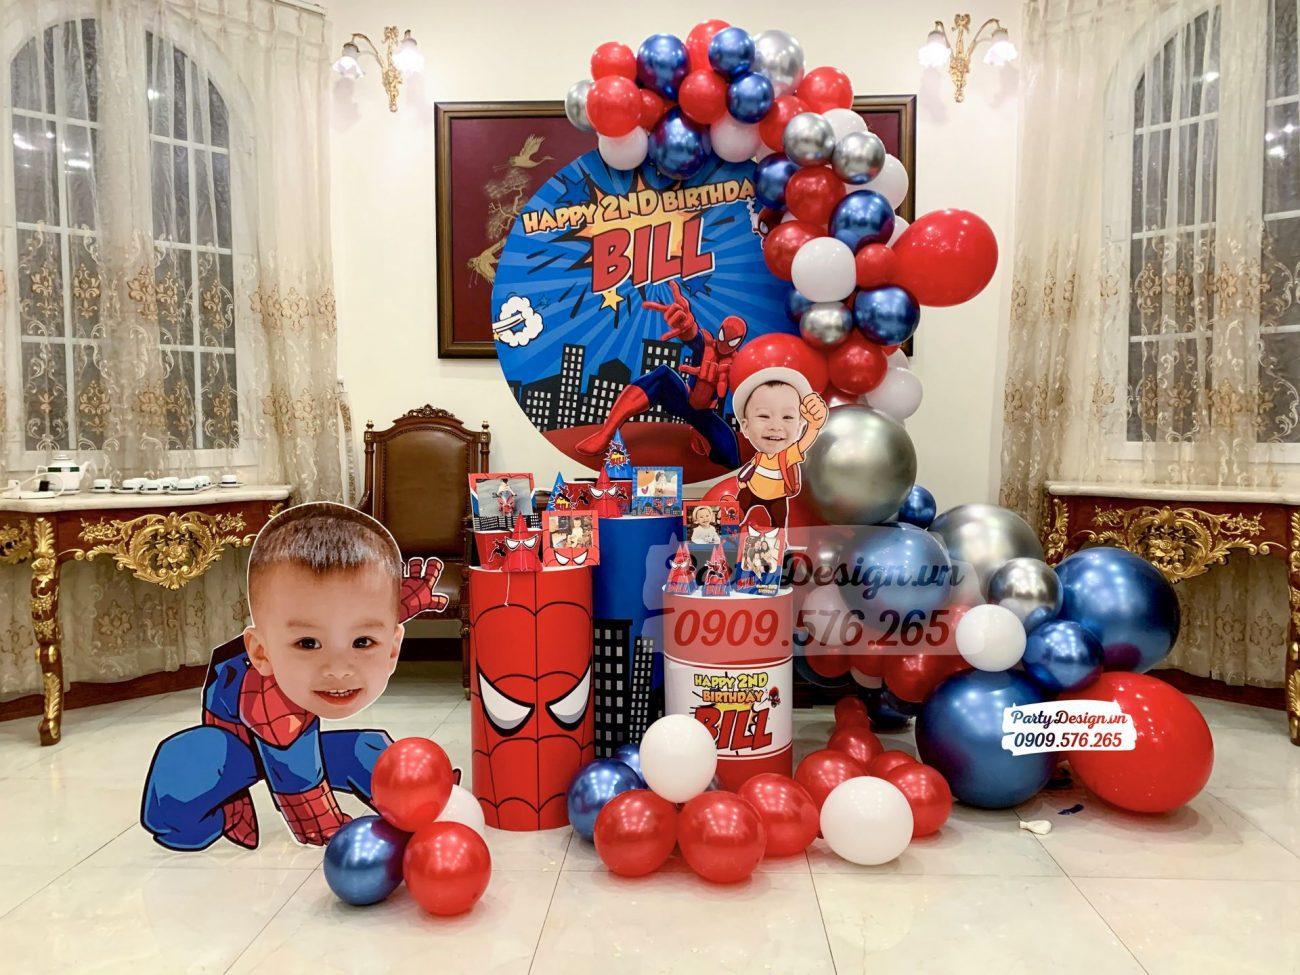 Trang trí sinh nhật tại nhà chủ đề Spiderman bé Bill